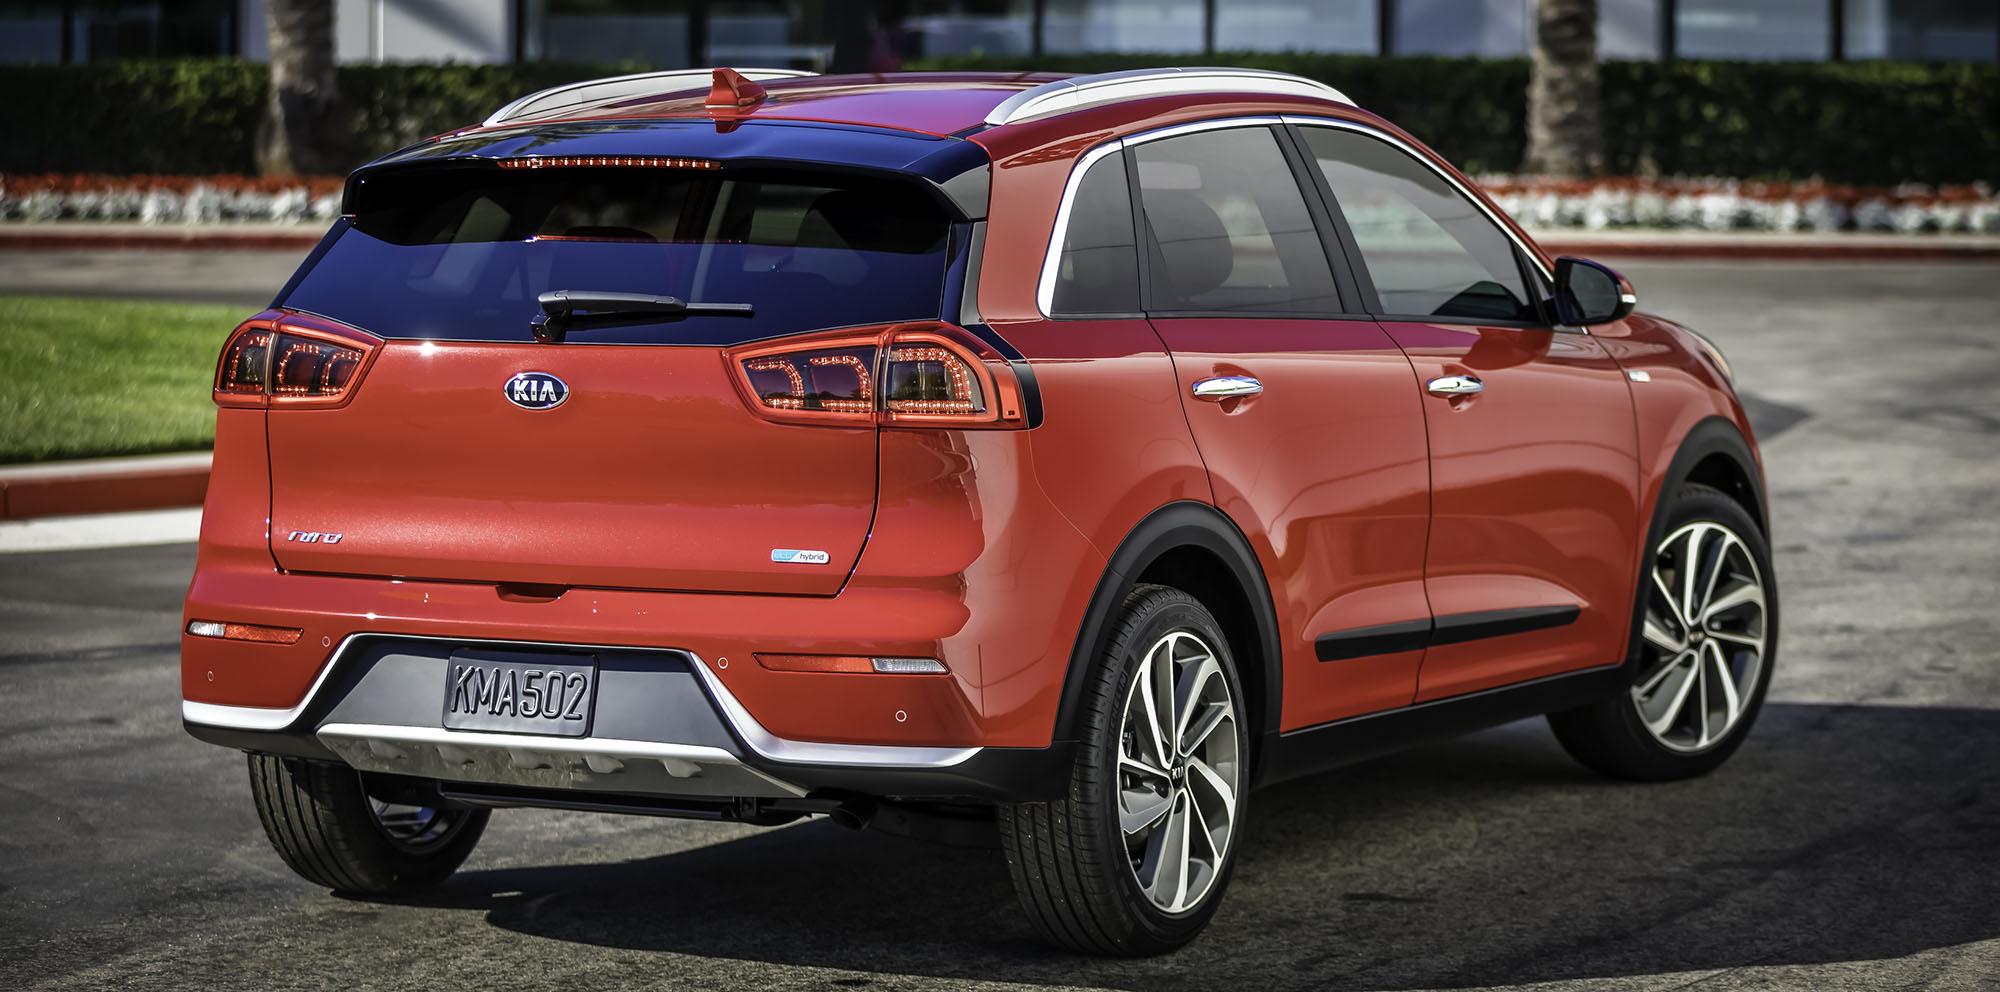 Kia Niro hybrid SUV unveiled - photos | CarAdvice